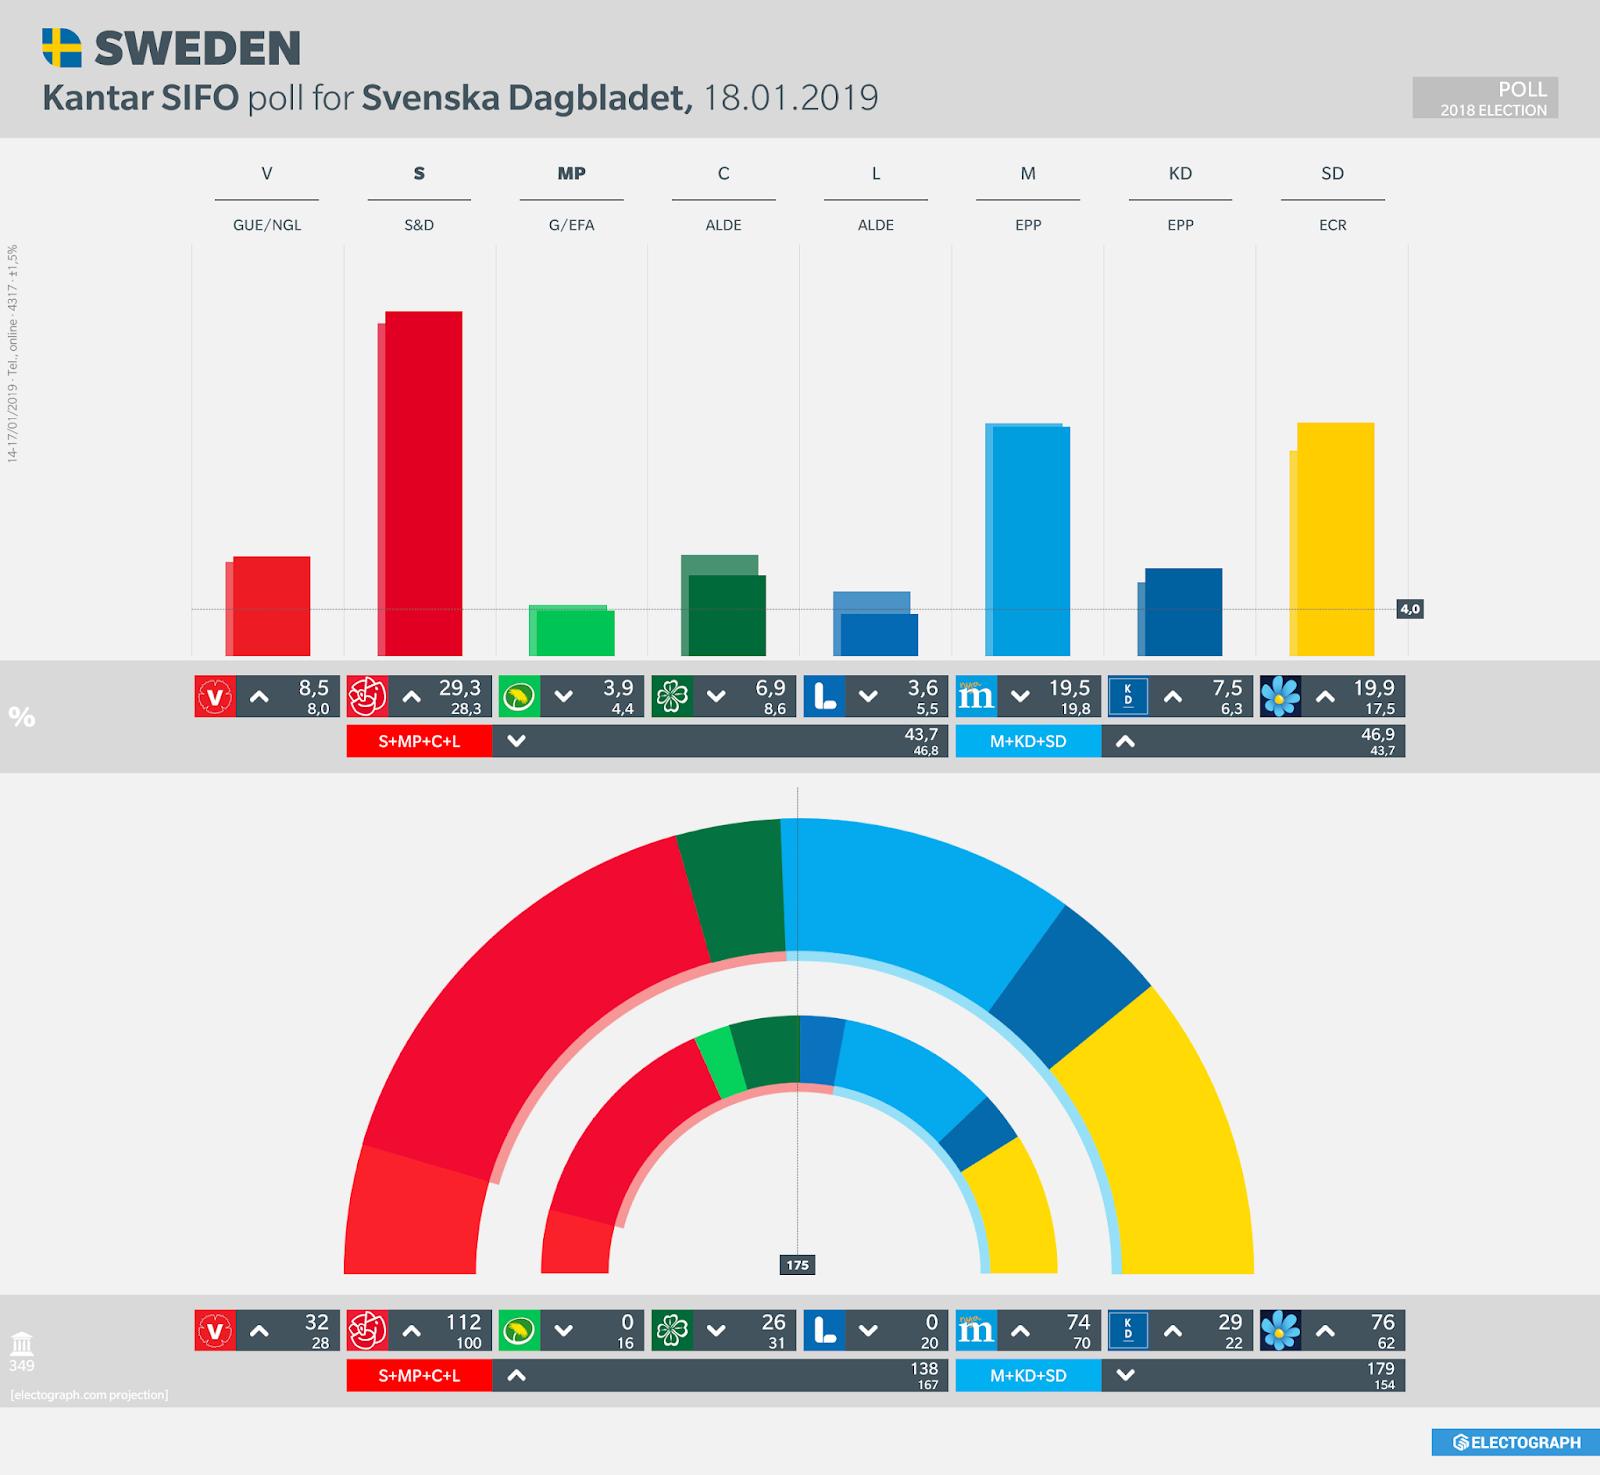 SWEDEN: Kantar SIFO poll chart for Svenska Dagbladet, 18 January 2019